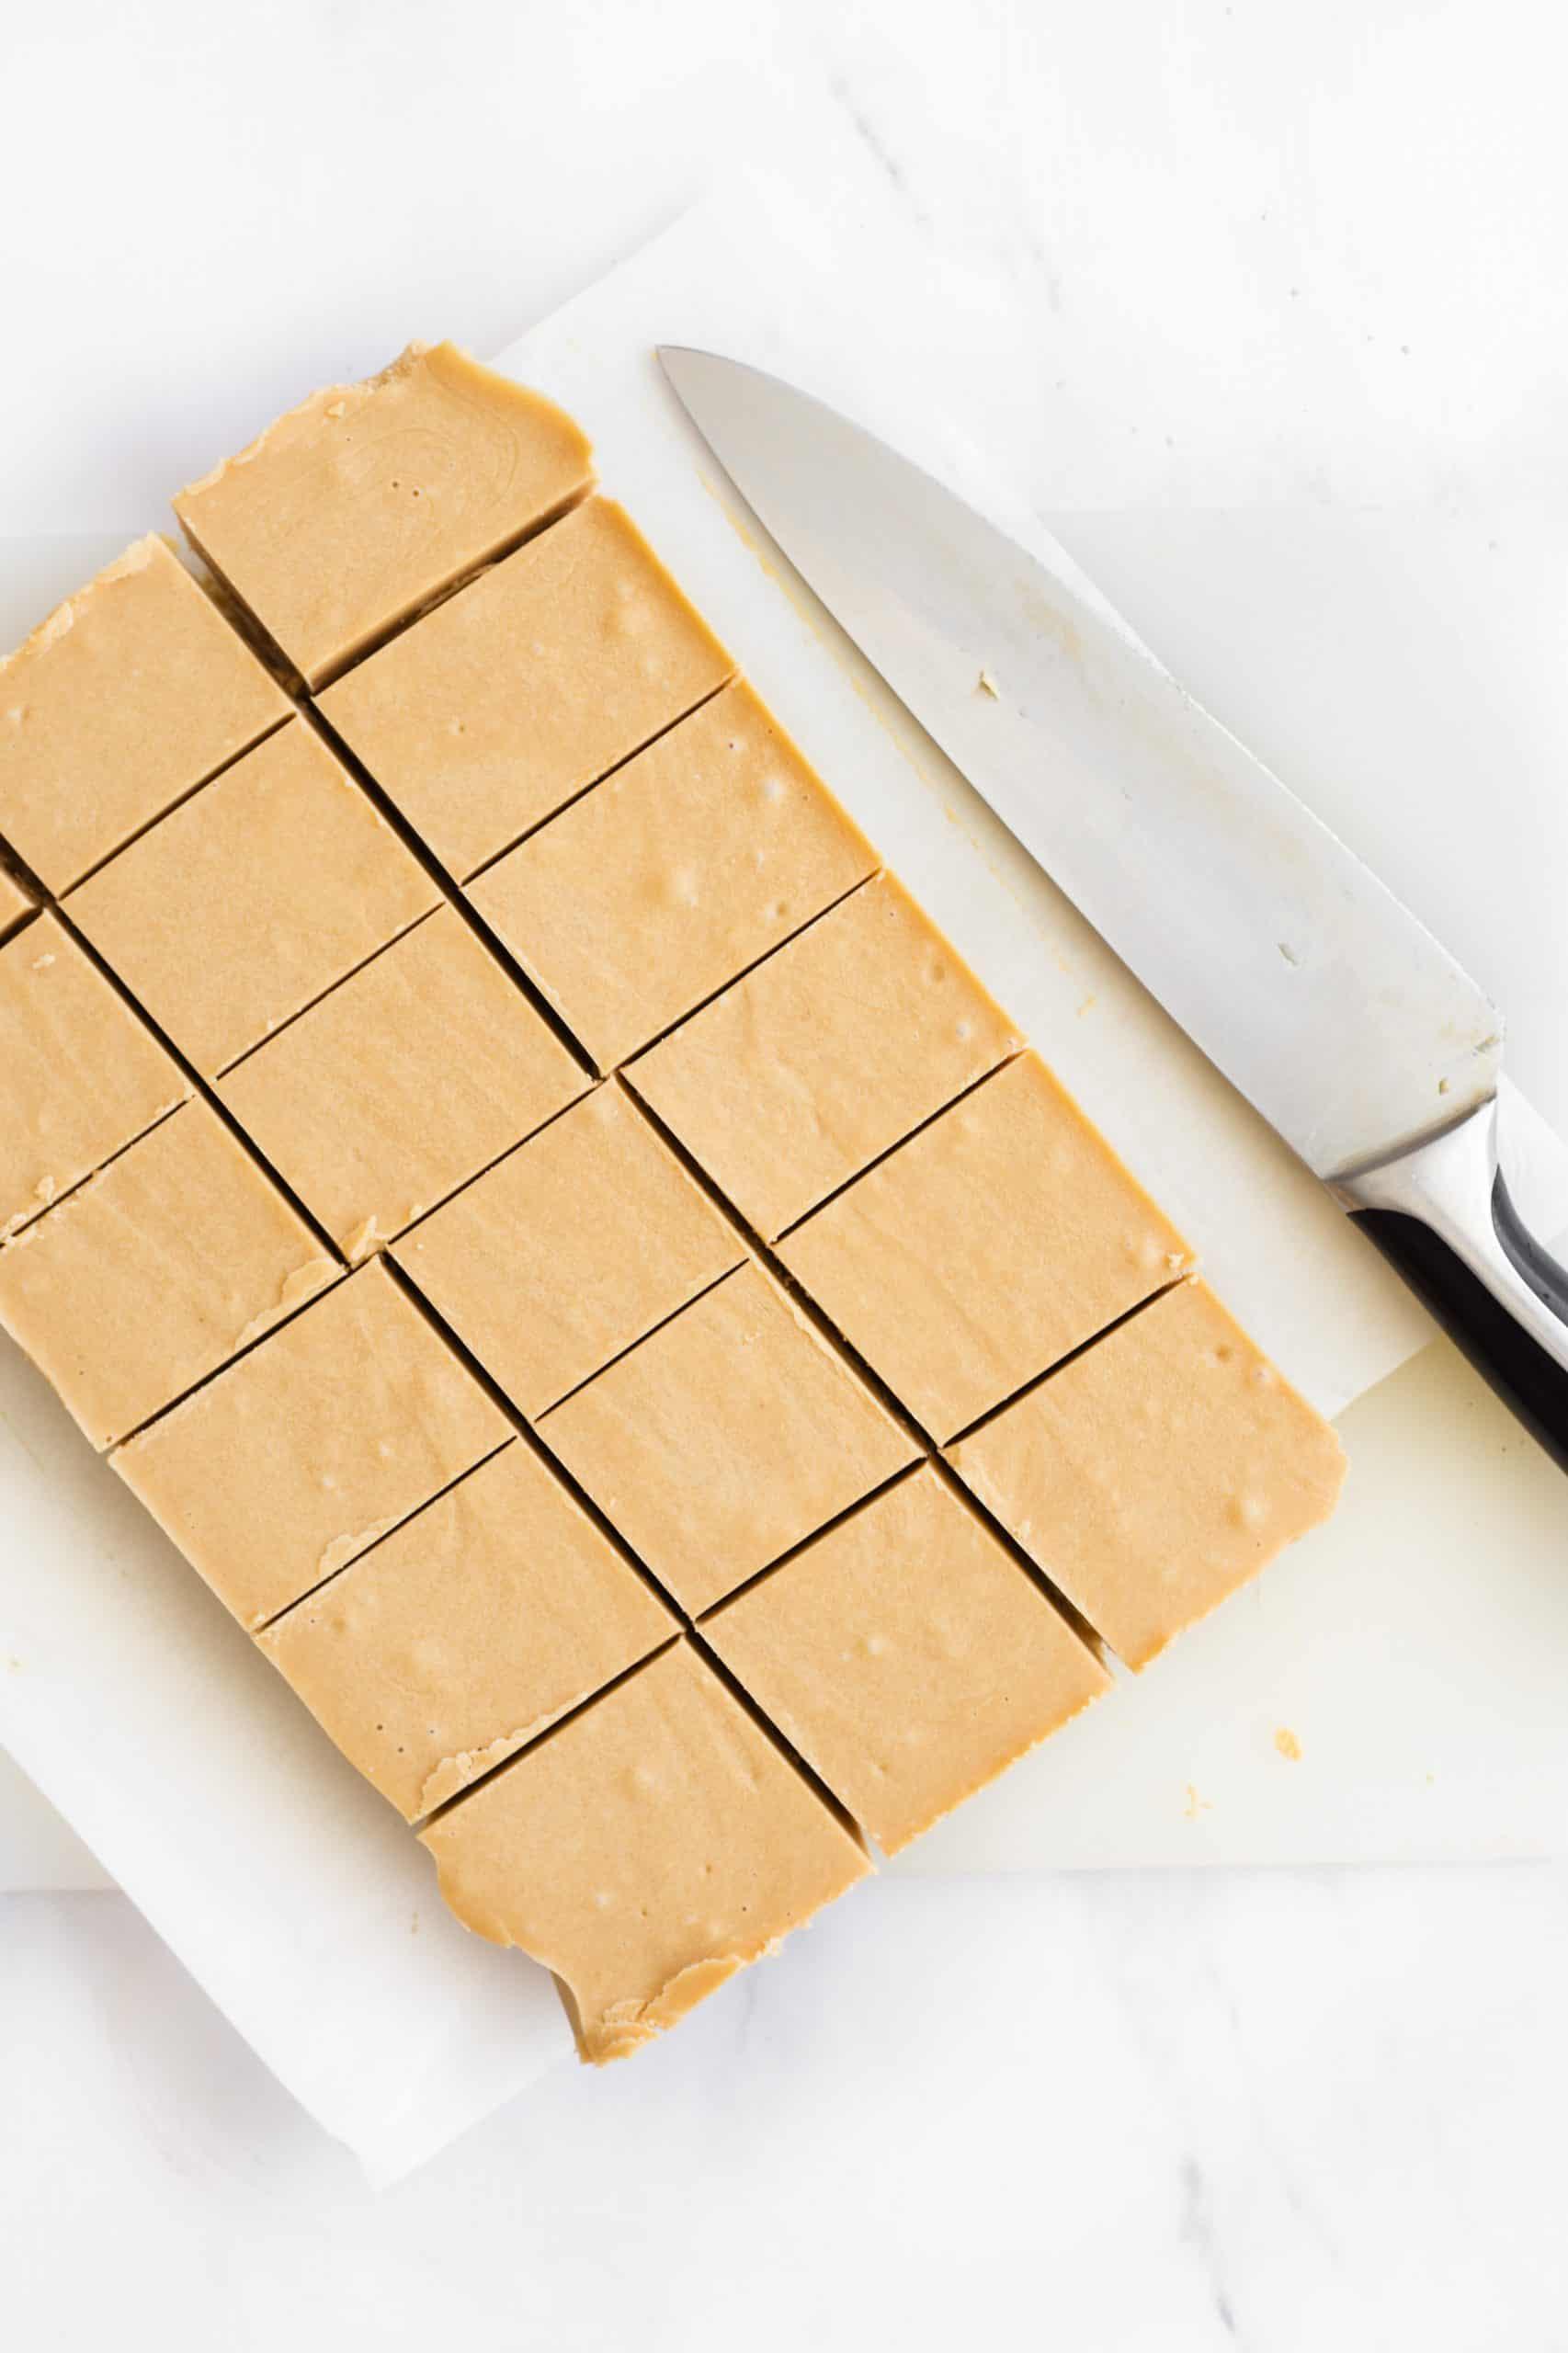 Cut pieces of fudge on parchment paper.